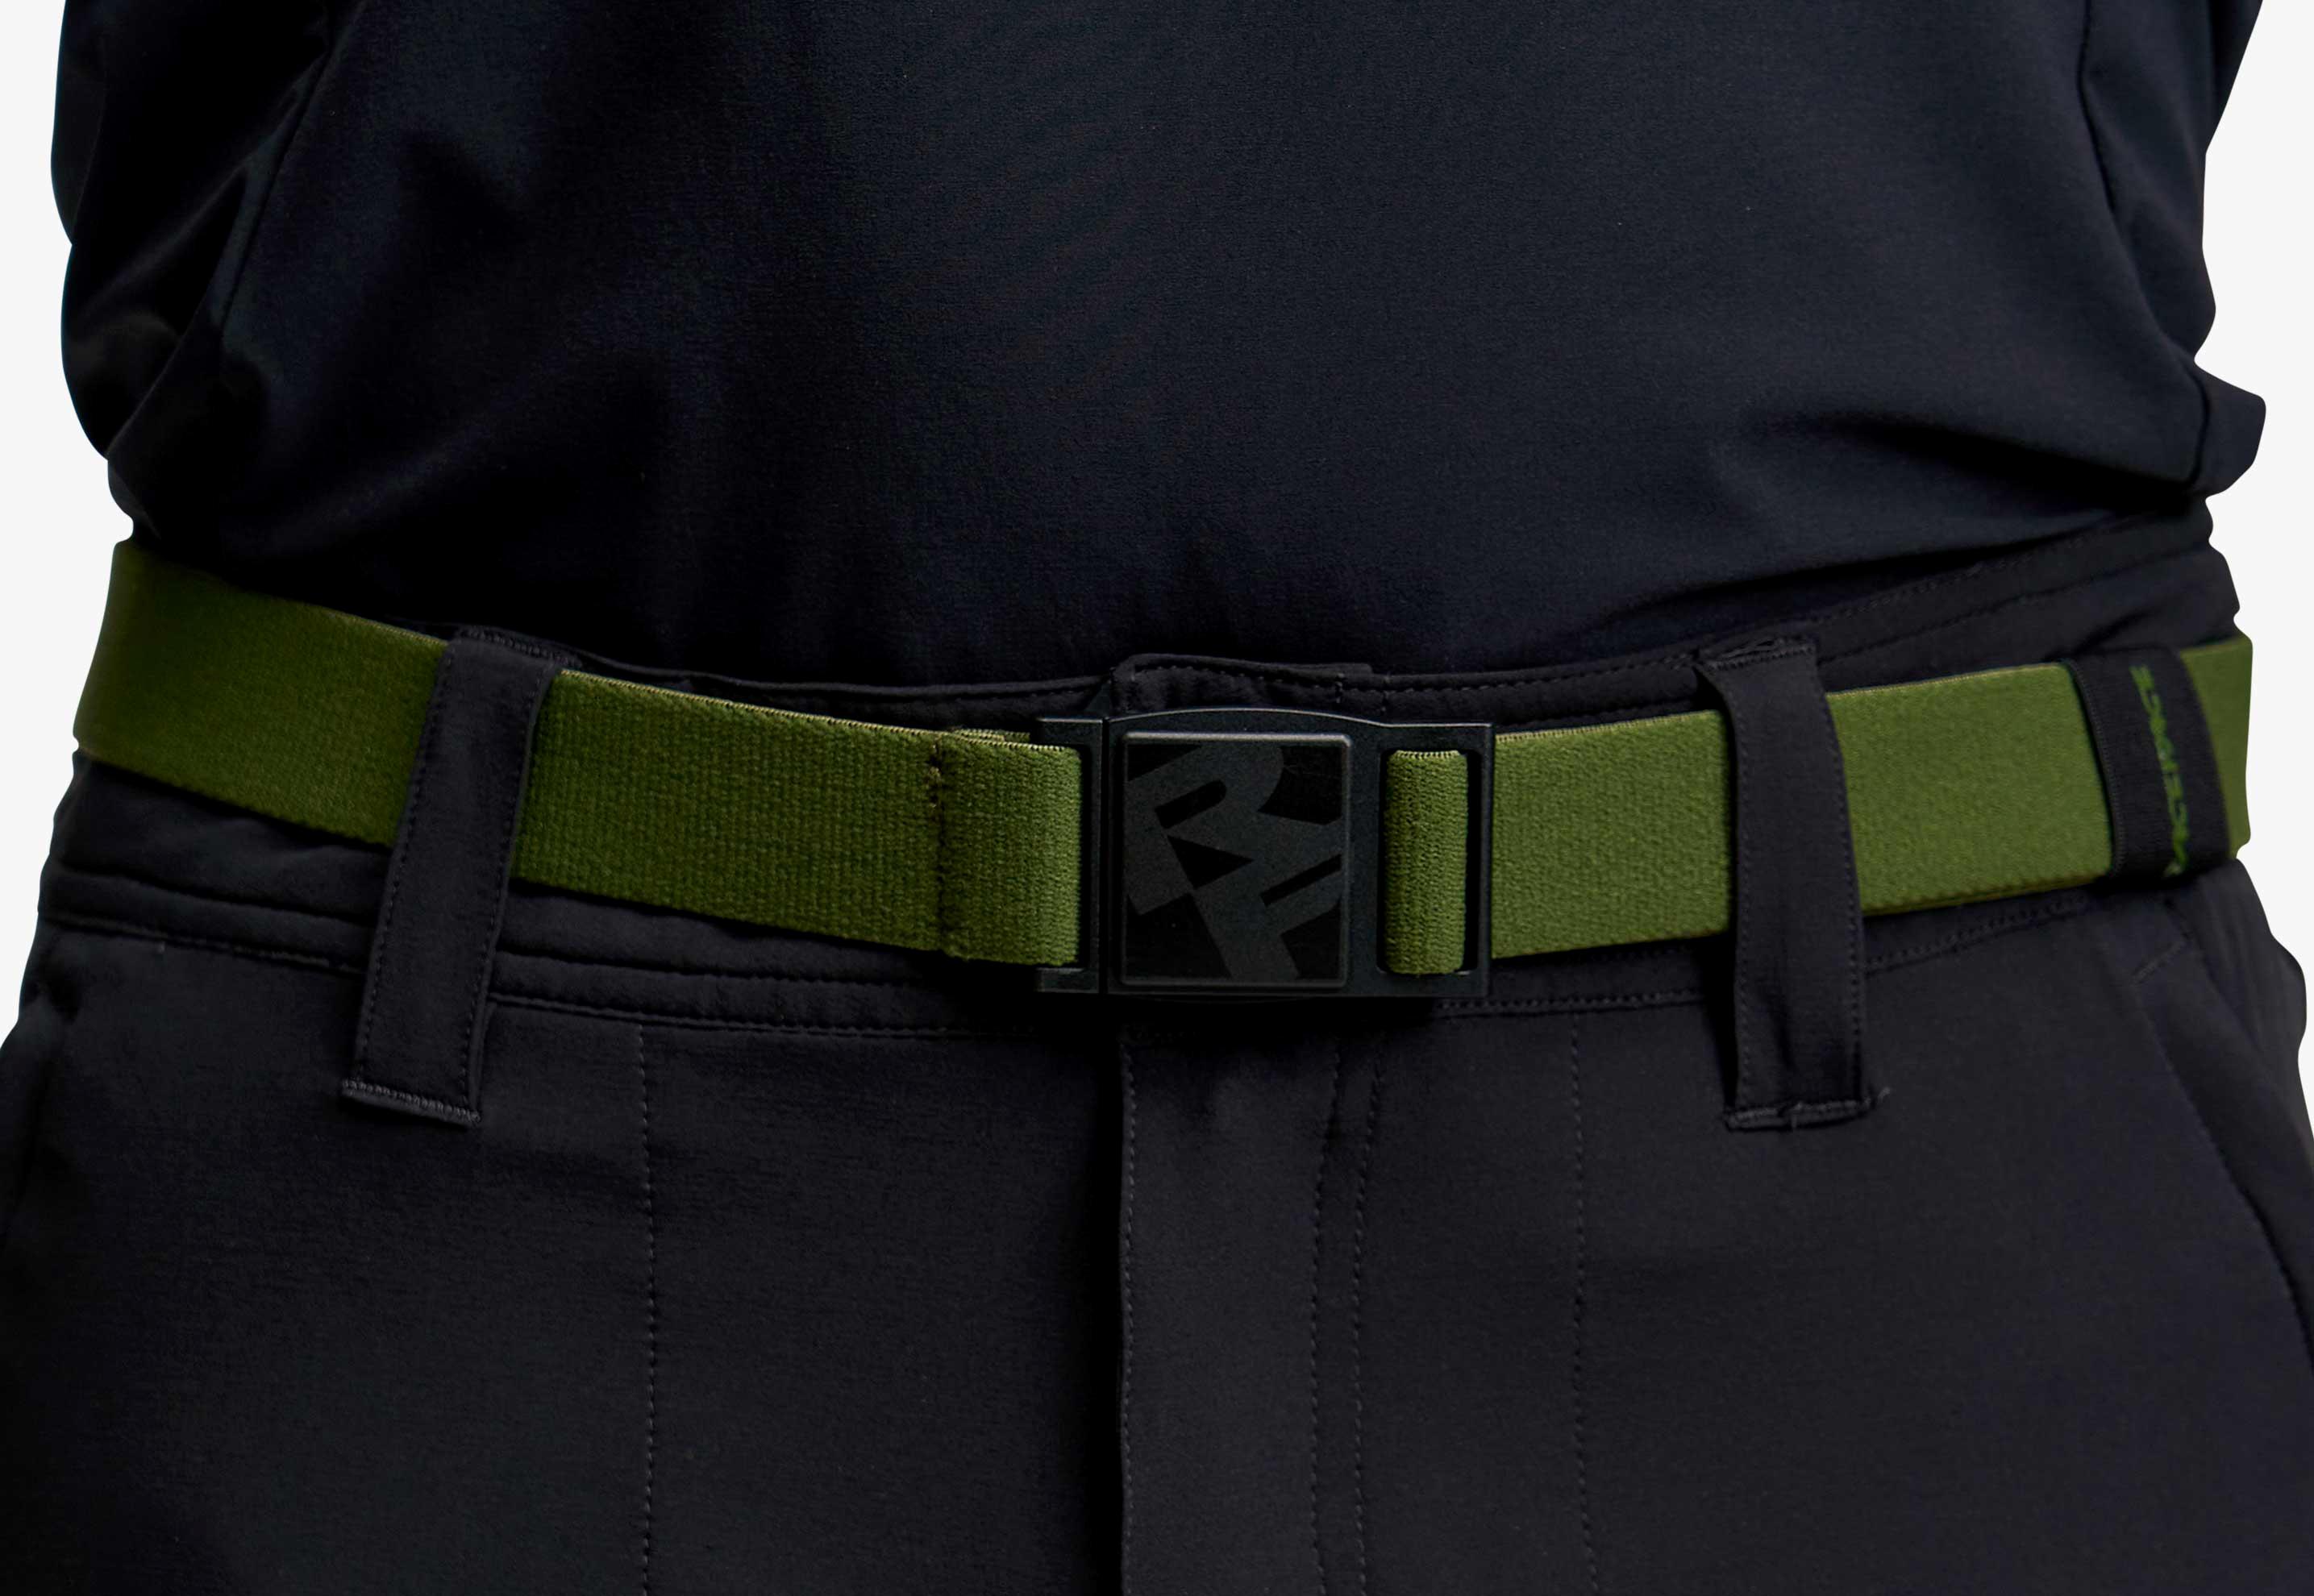 OE Belt